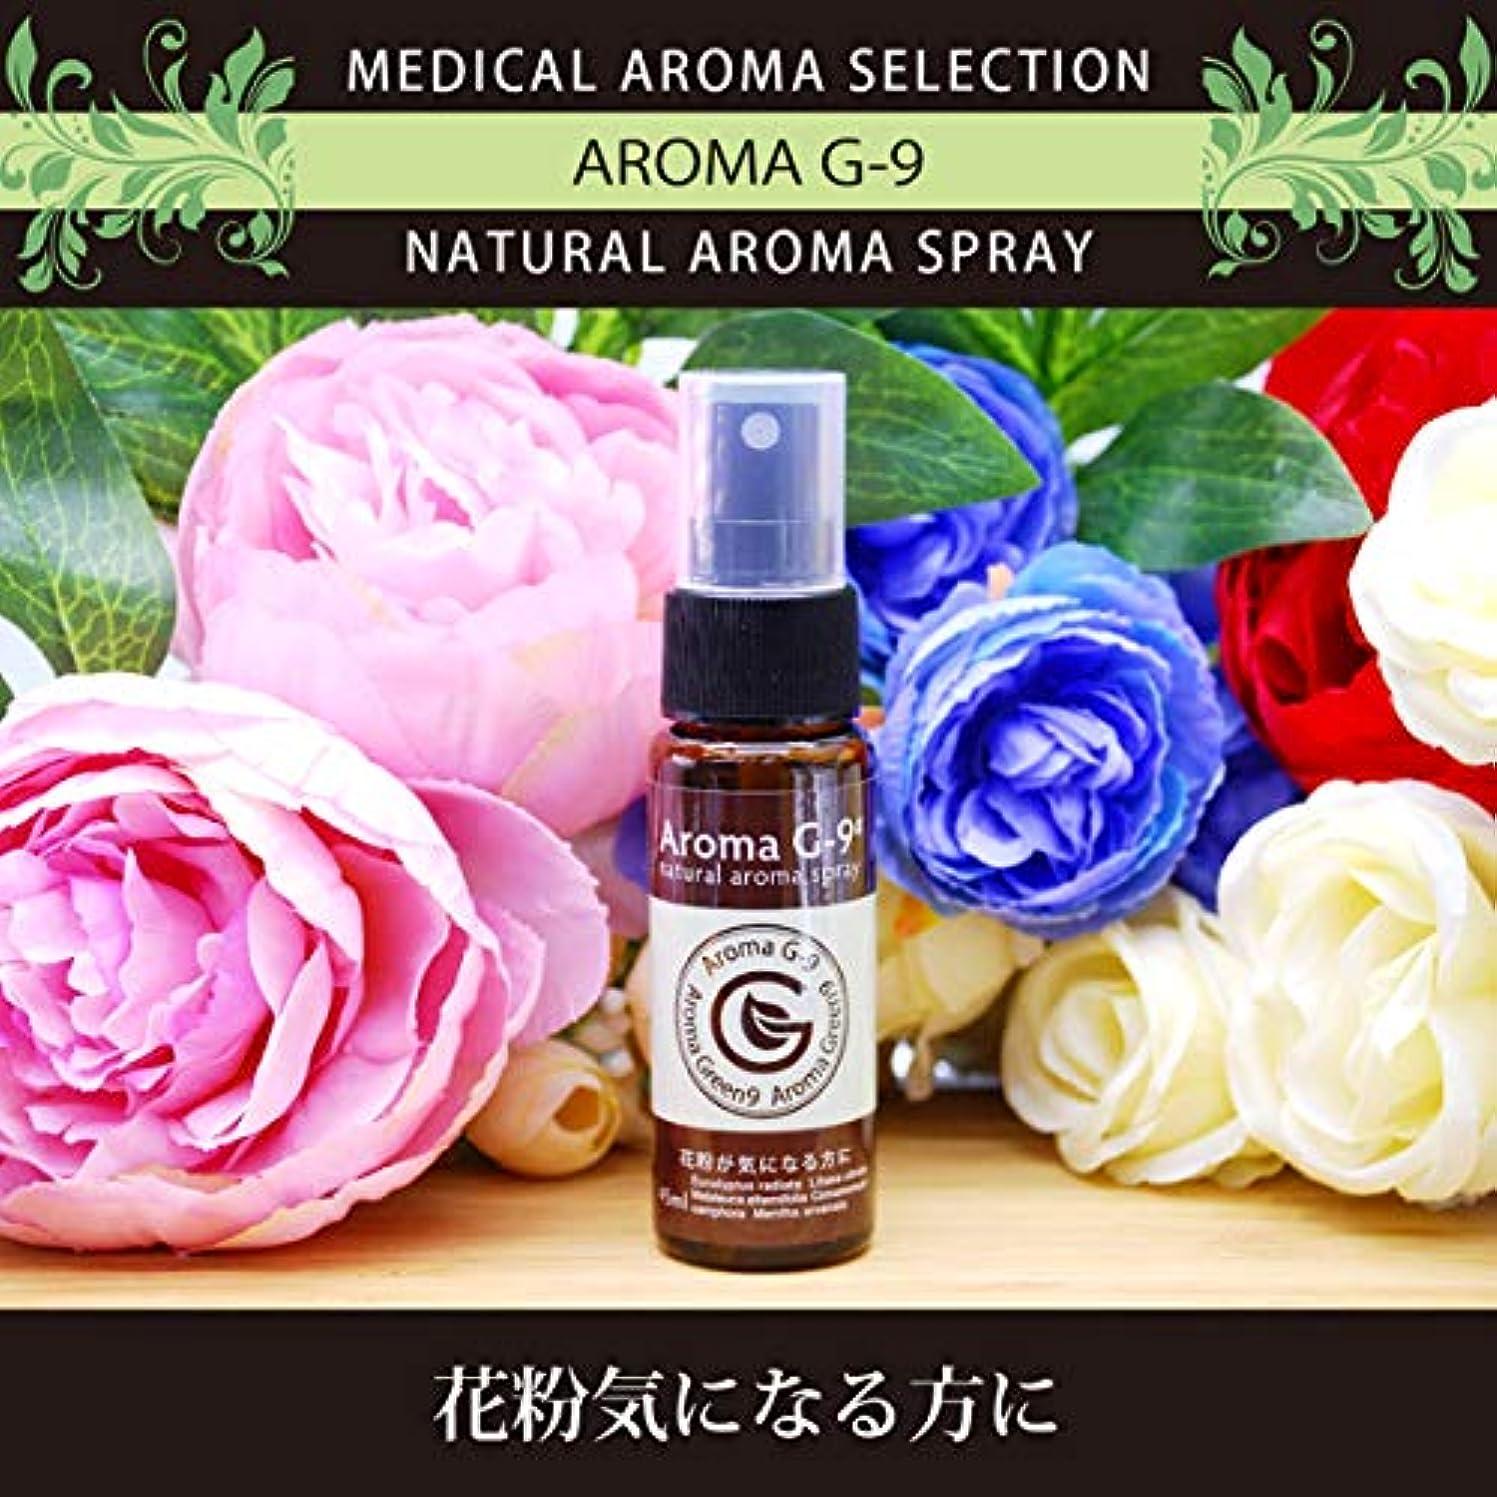 細い改修気まぐれなアロマスプレー Aroma G-9# 花粉症アロマスプレー 45ml